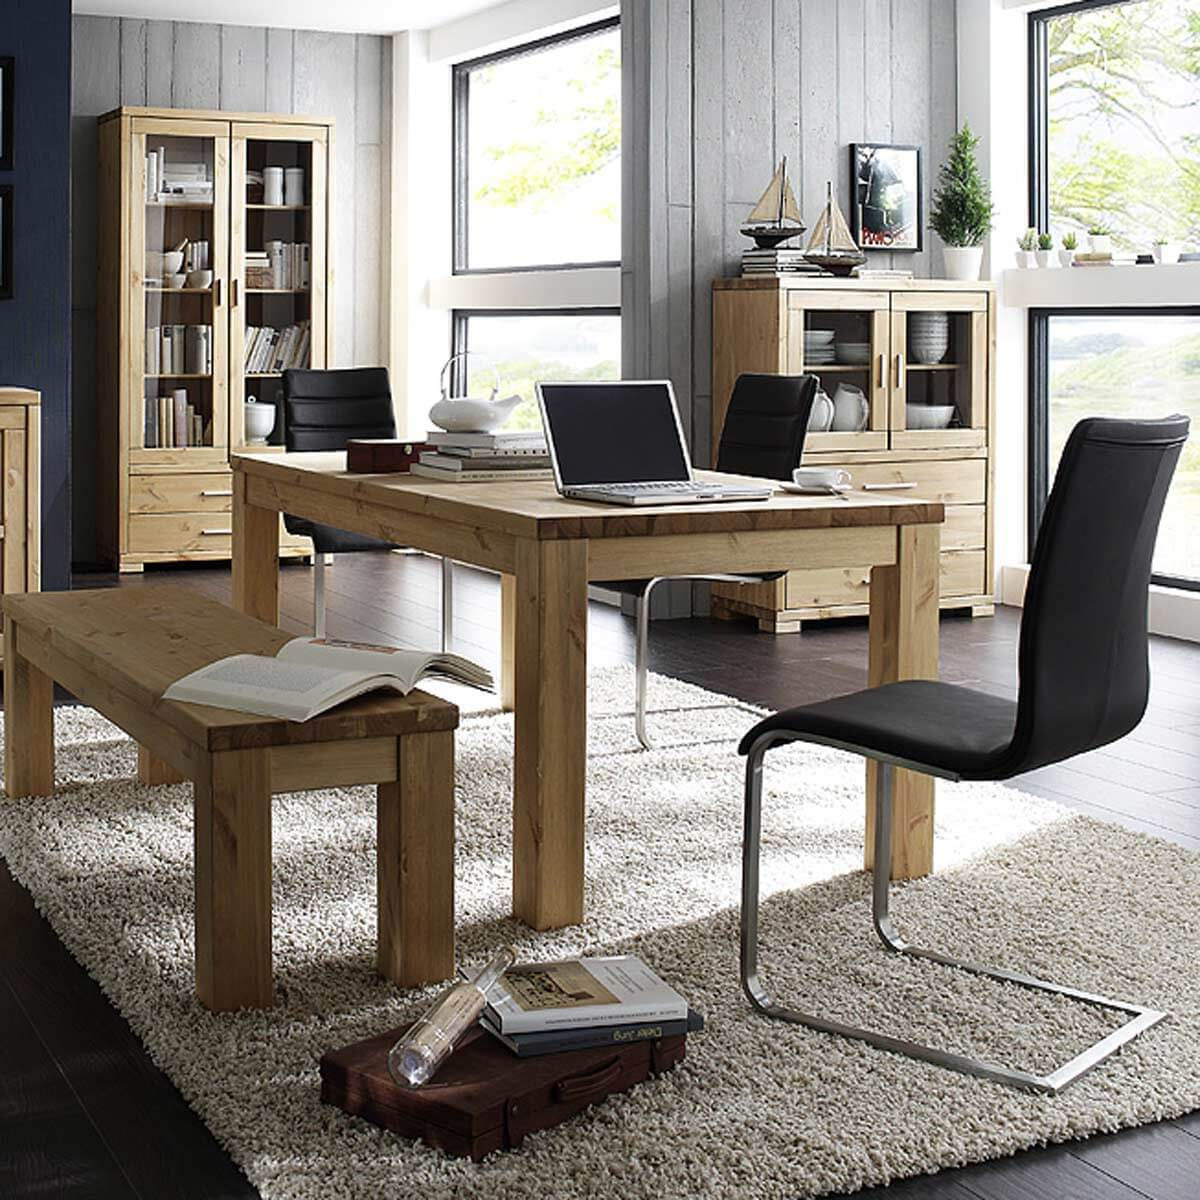 Esstisch stühle bunt  Stühle Bunt dprmodels.com Es geht um Idee, Design, Bild und ...